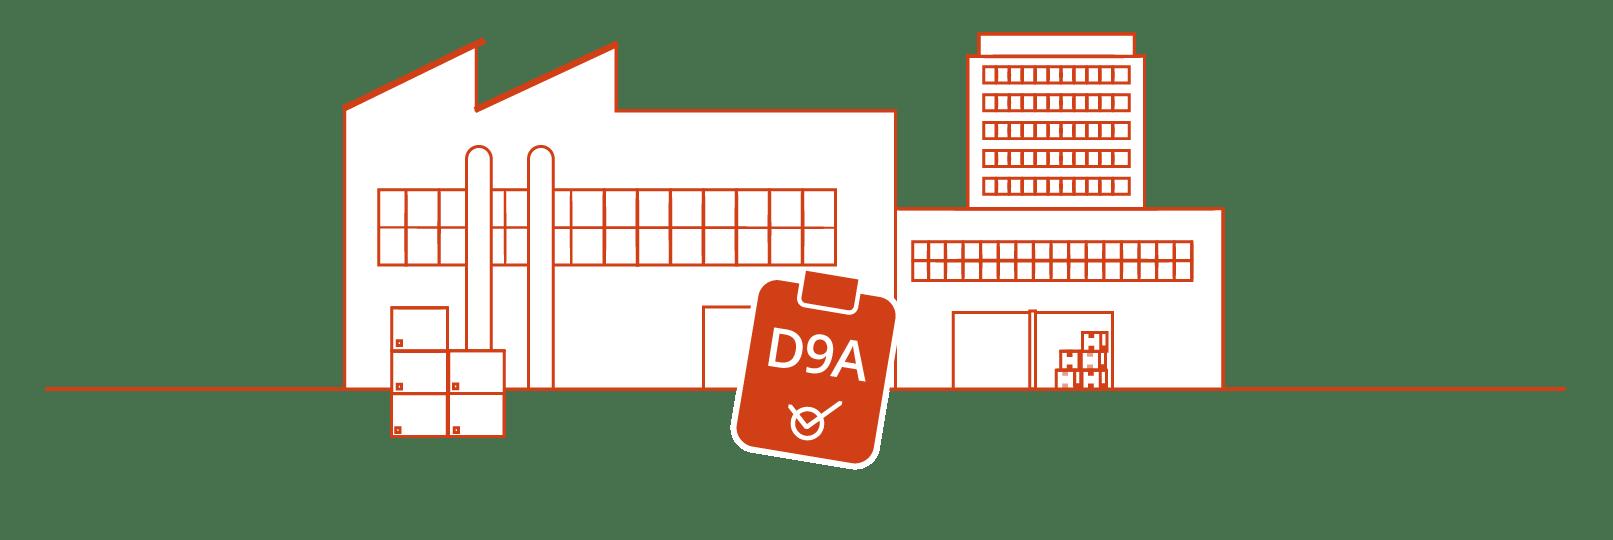 réglementation D9A